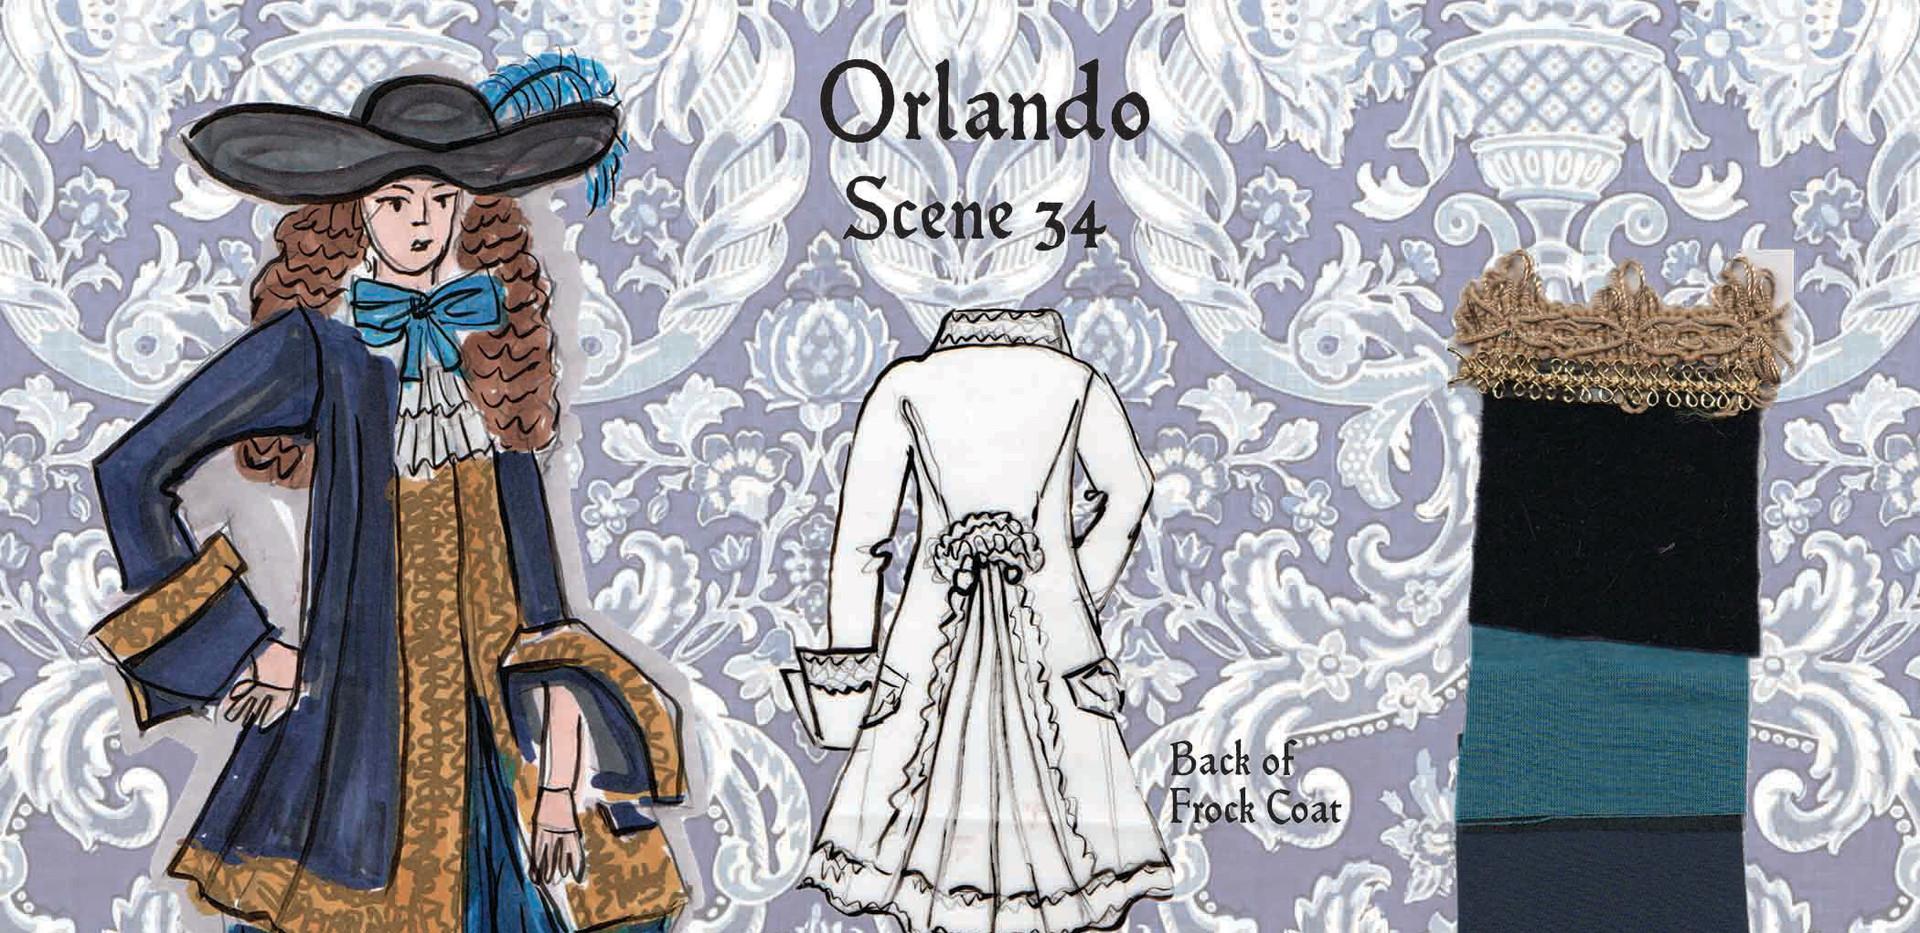 Film Costume Project for Period Drama Orlando